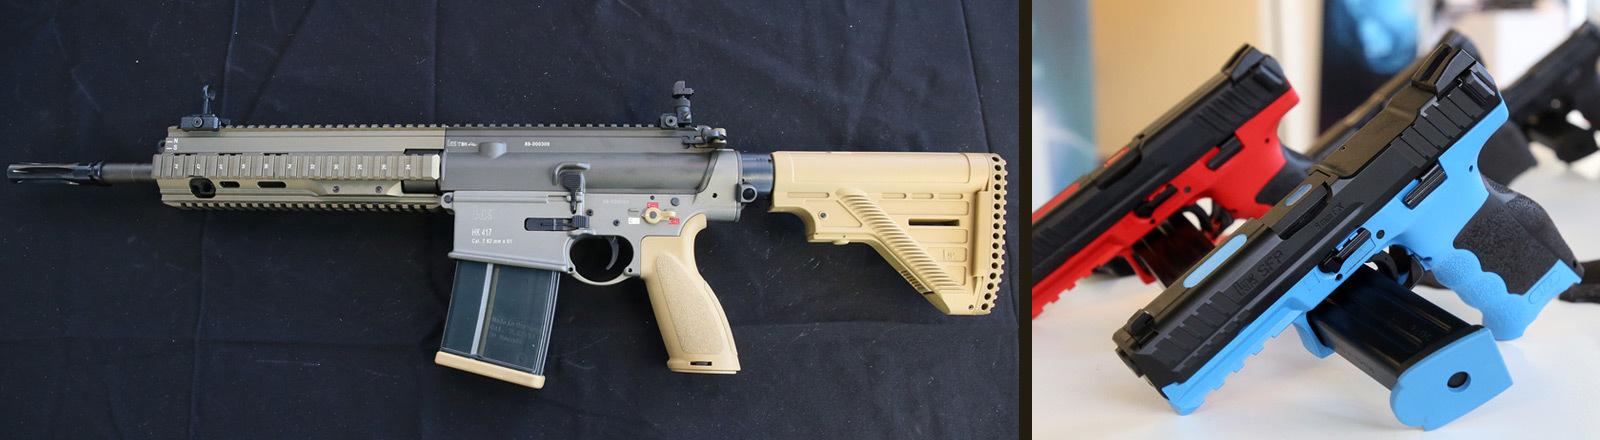 Sturmgewehr und  Handfeuerwaffe von Heckler und Koch